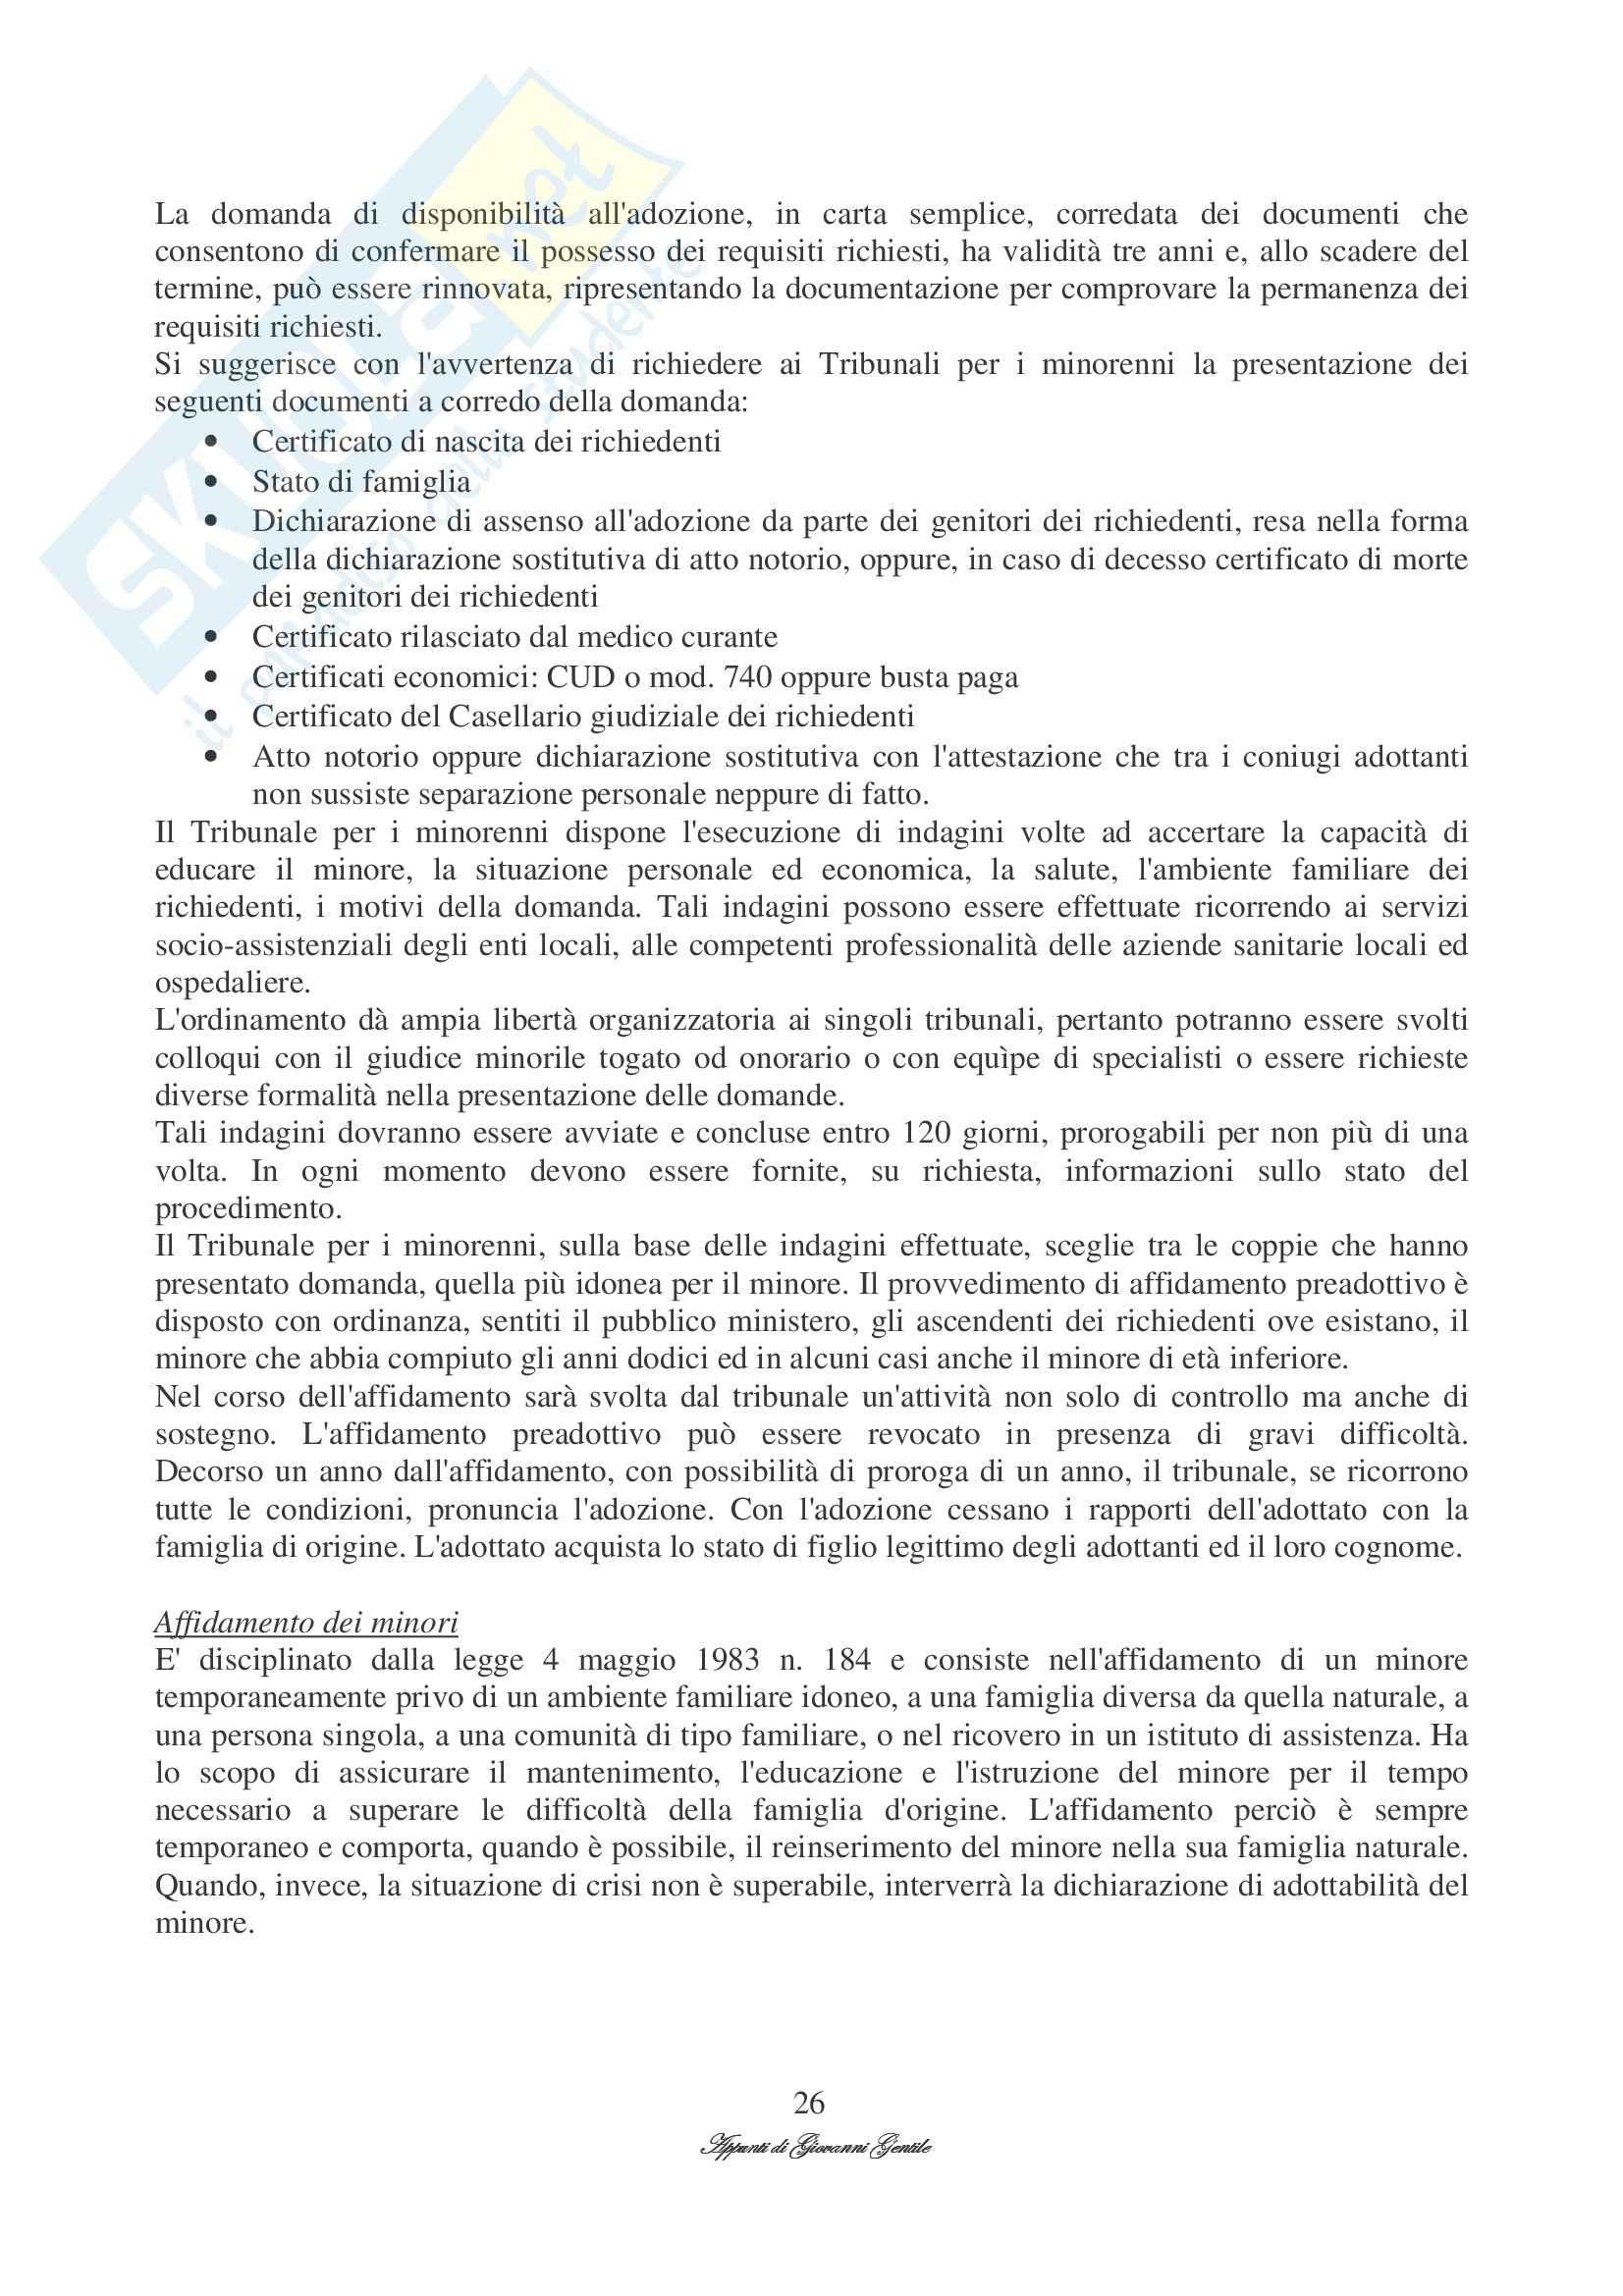 Diritto processuale civile - diritto di famiglia Pag. 26